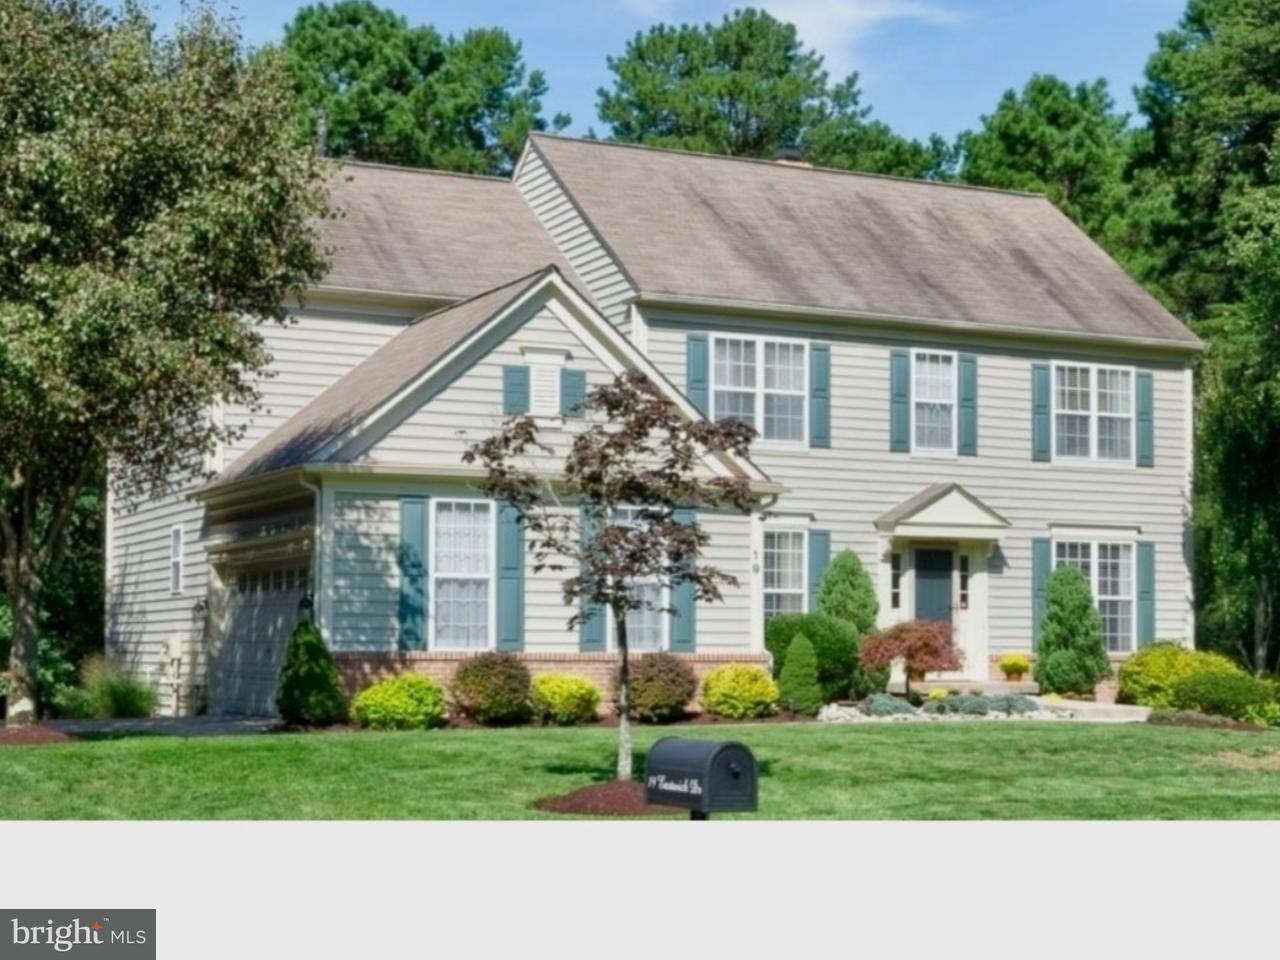 Maison unifamiliale pour l Vente à 19 EASTWICK Drive Gibbsboro, New Jersey 08026 États-Unis